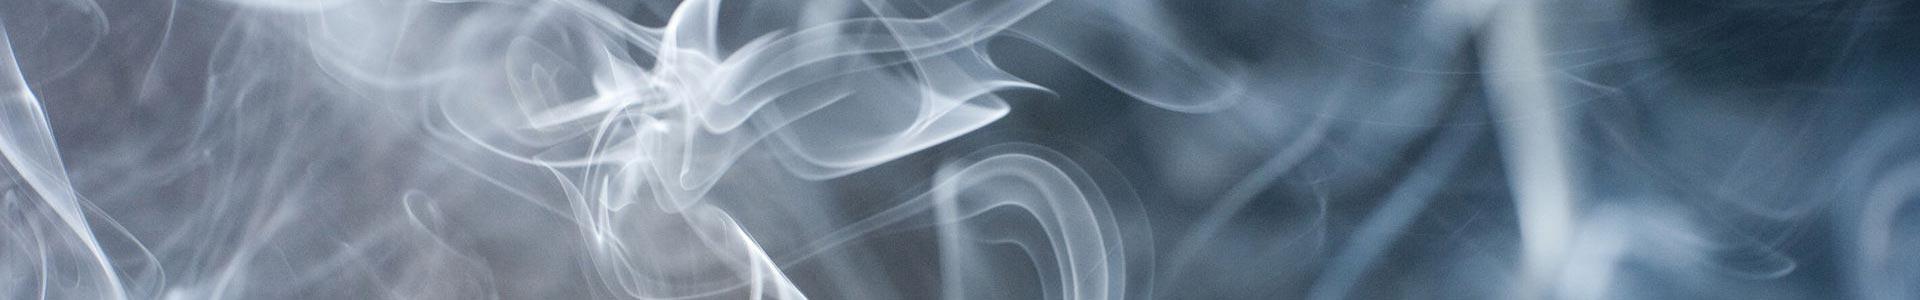 fumo incendio domestico